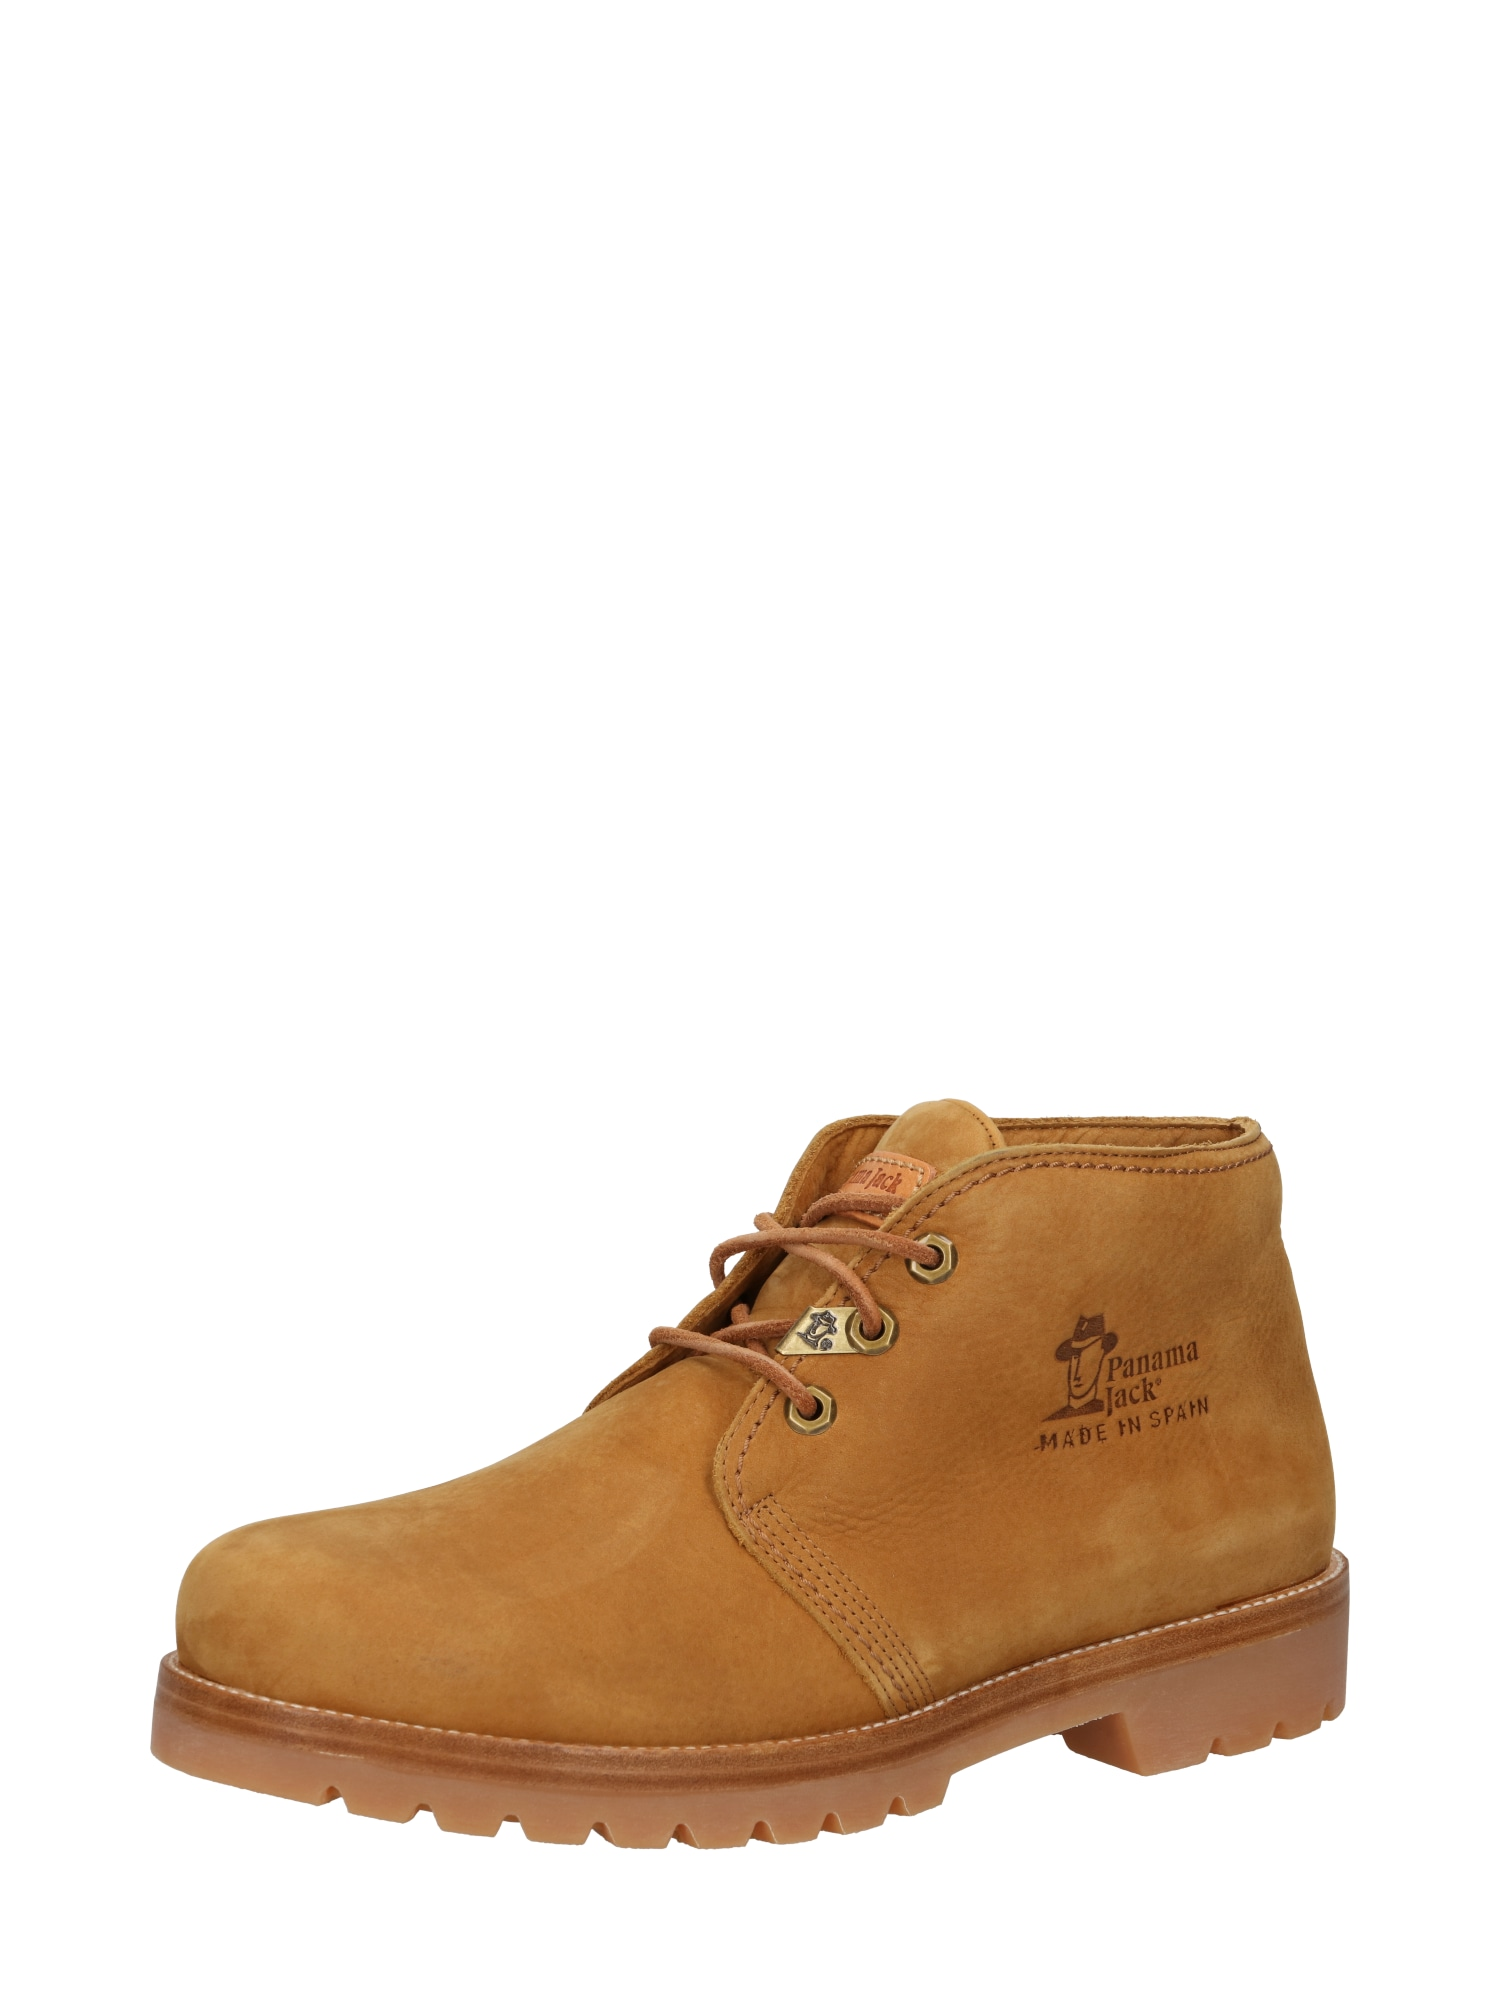 PANAMA JACK Auliniai batai su raišteliais rusvai oranžinė